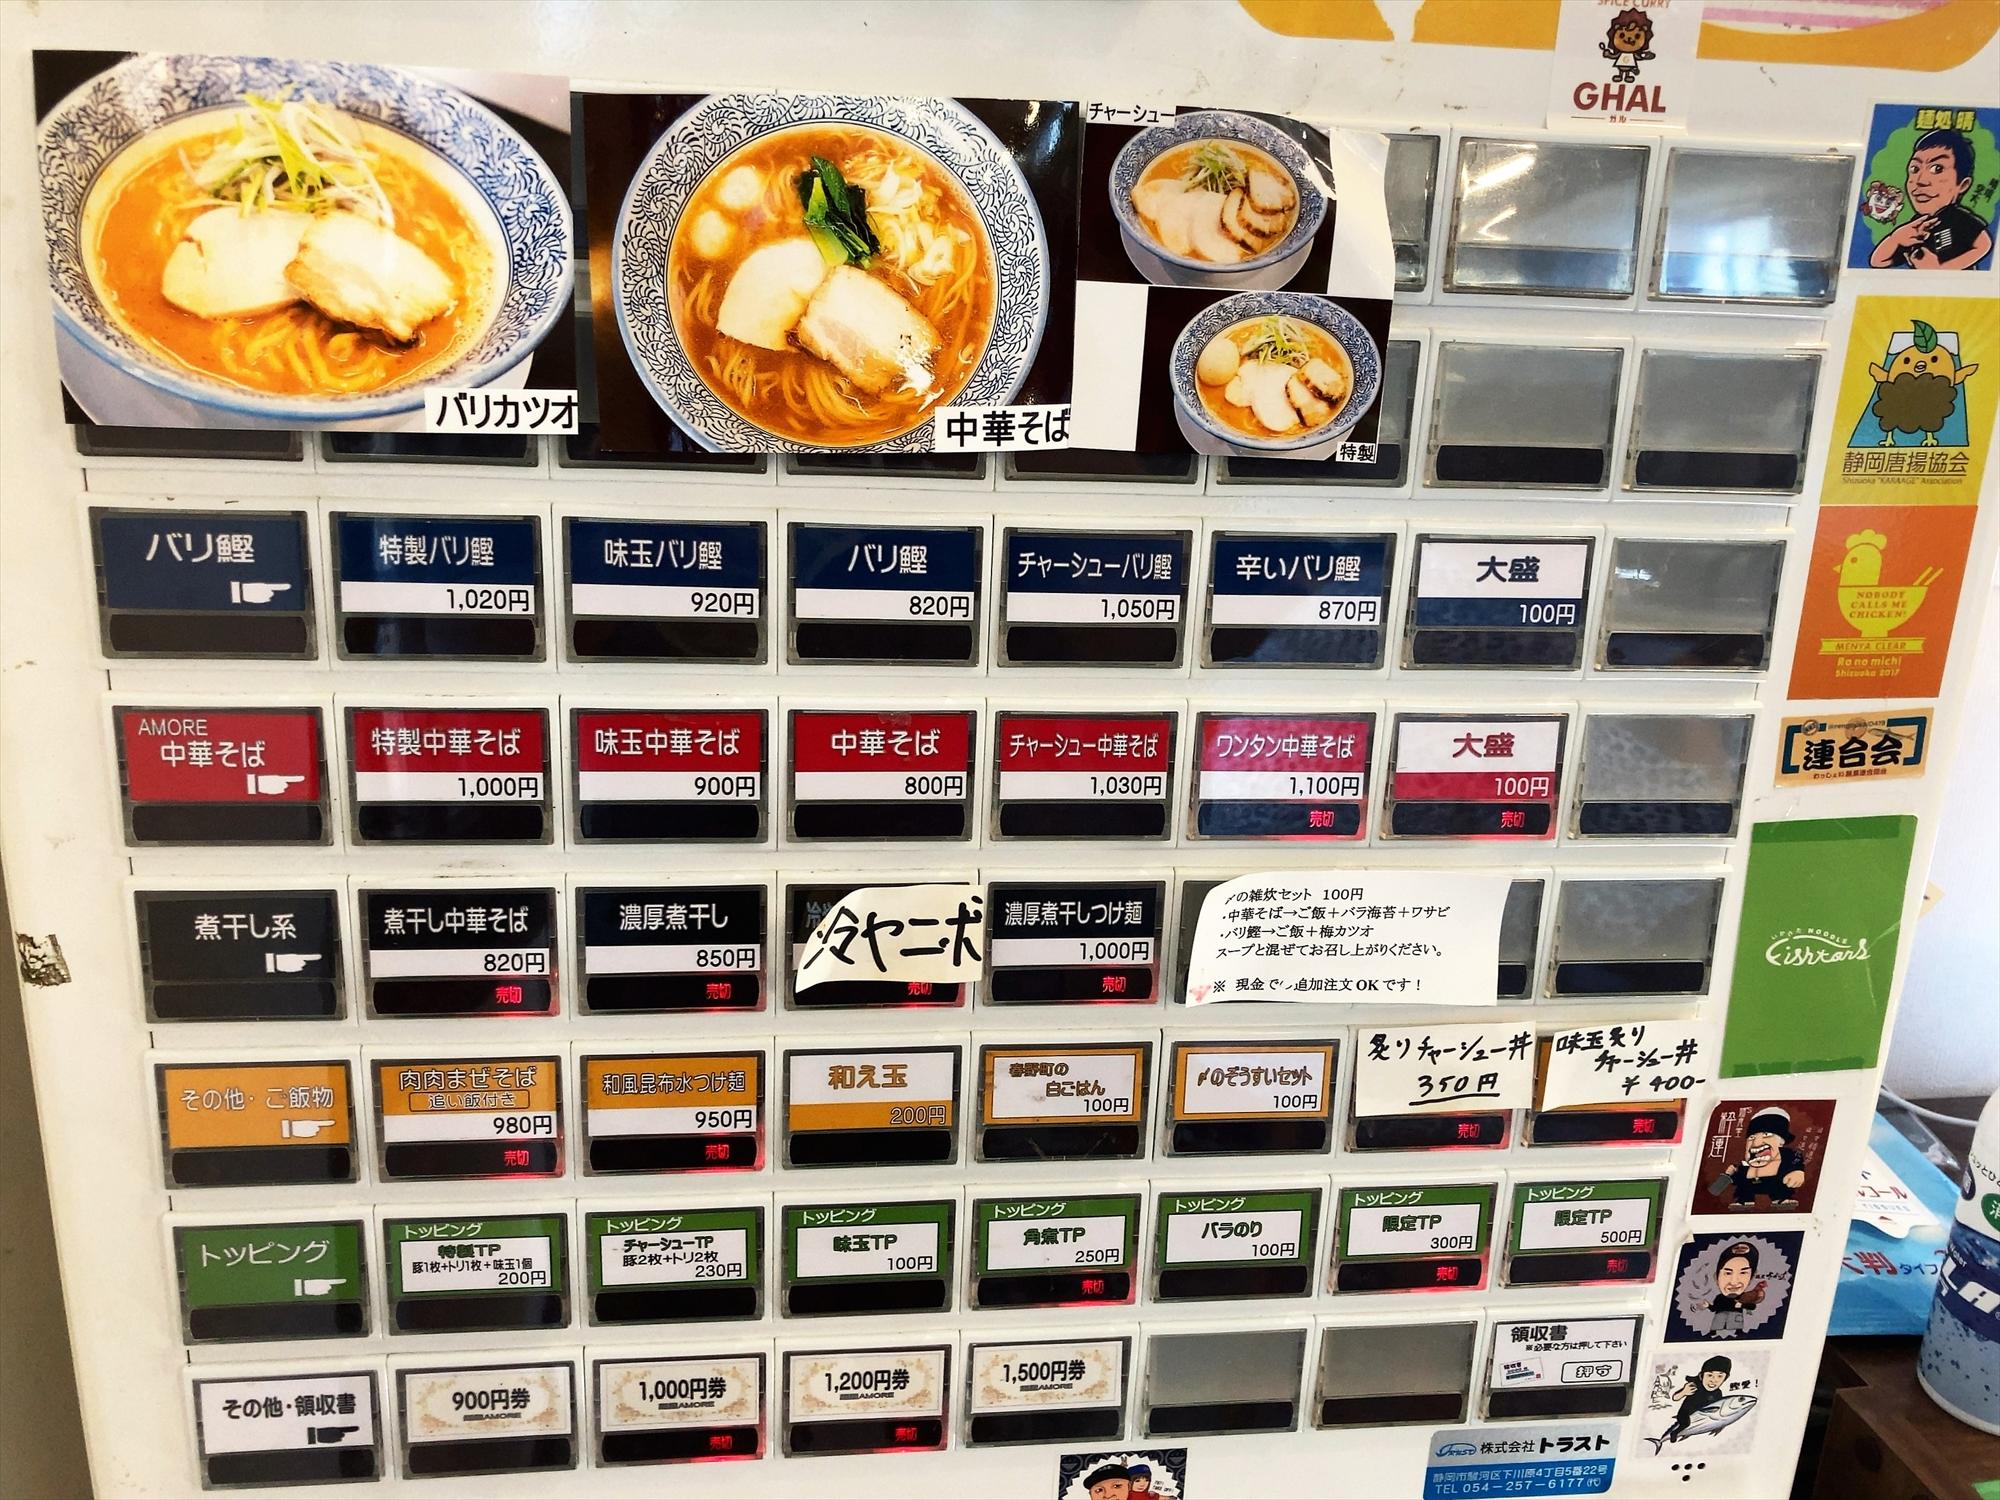 麺屋 AMOREの券売機